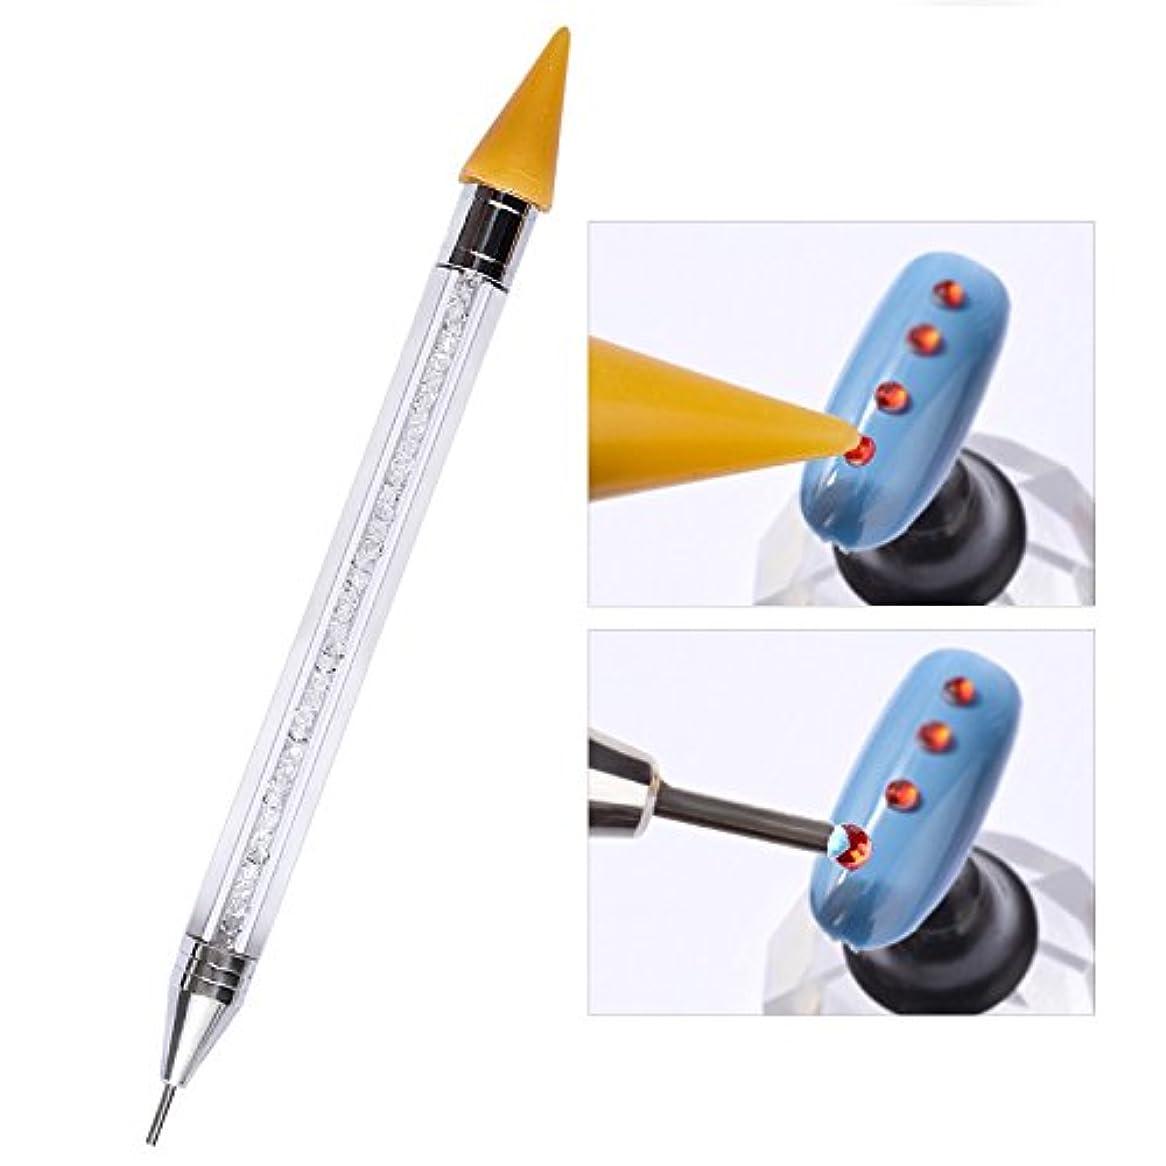 チャンピオンワンダー脱臼するLiebeye ネイルペン 豪華 耐久性 ダブルヘッドポイント 掘削 ペン マニキュアツール